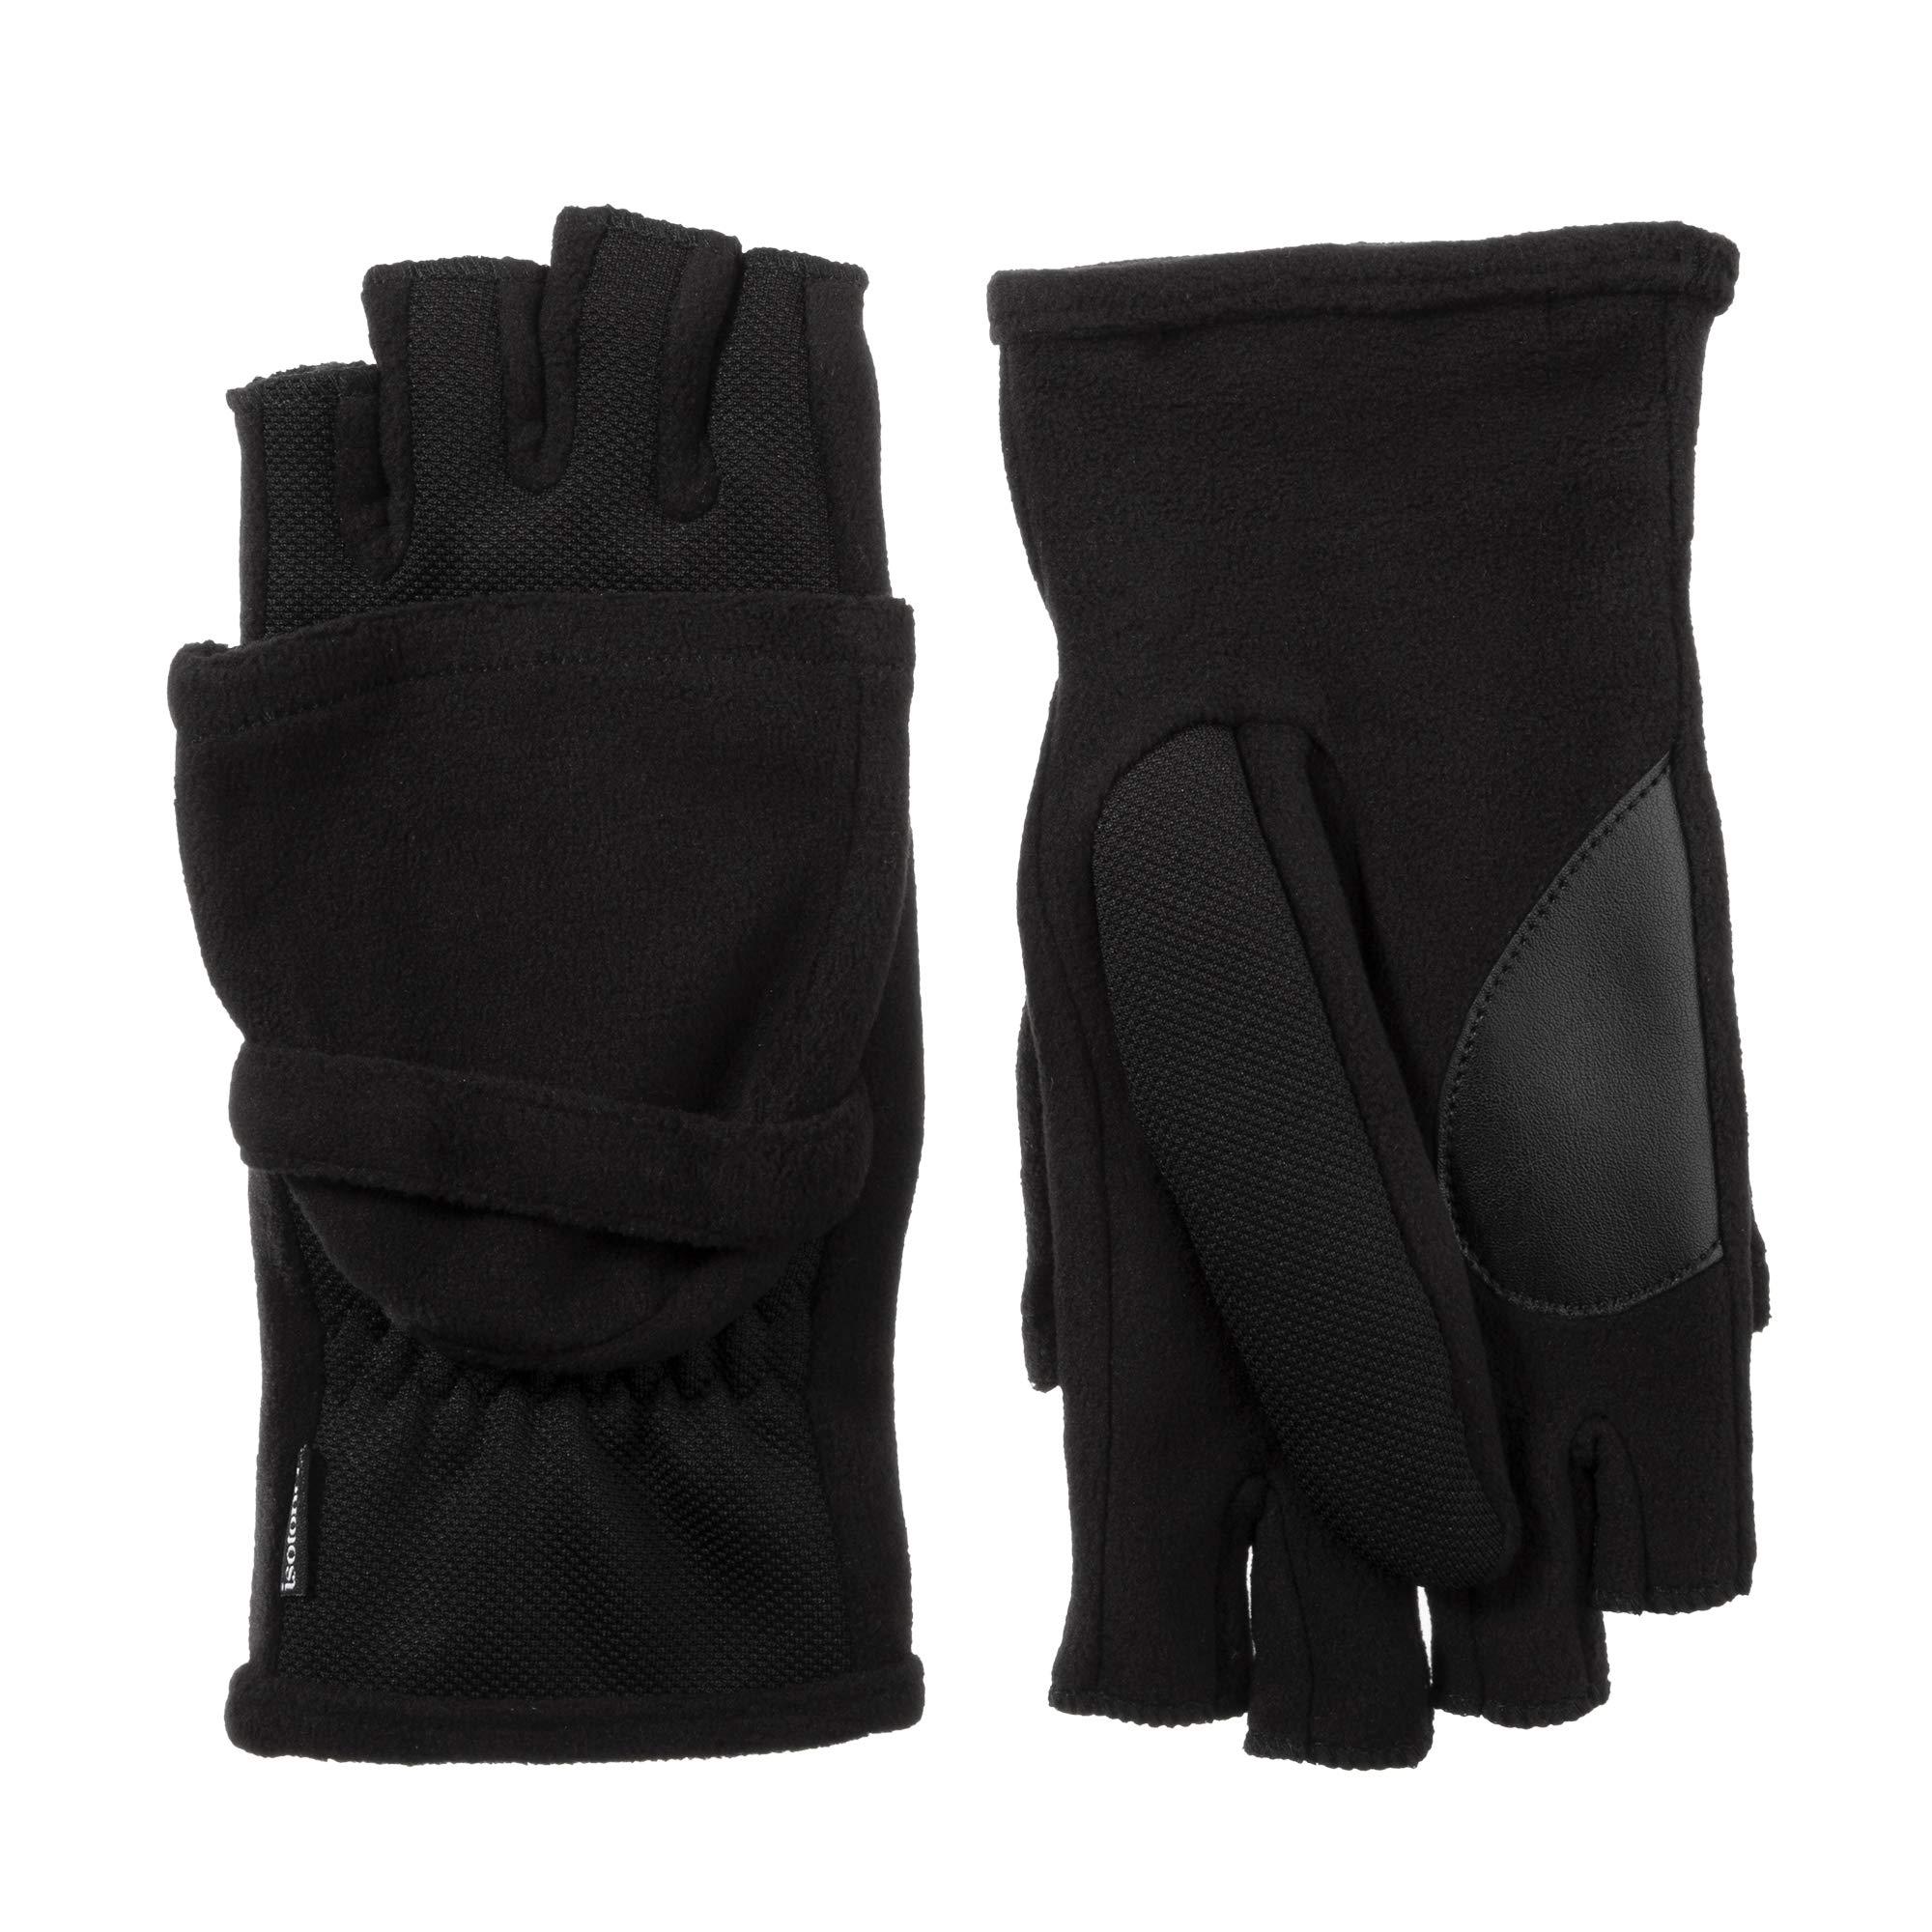 isotoner Fingerless Flip Top Women's Gloves For Texting, Mitten Cover, smartDRI Black, S/M by ISOTONER